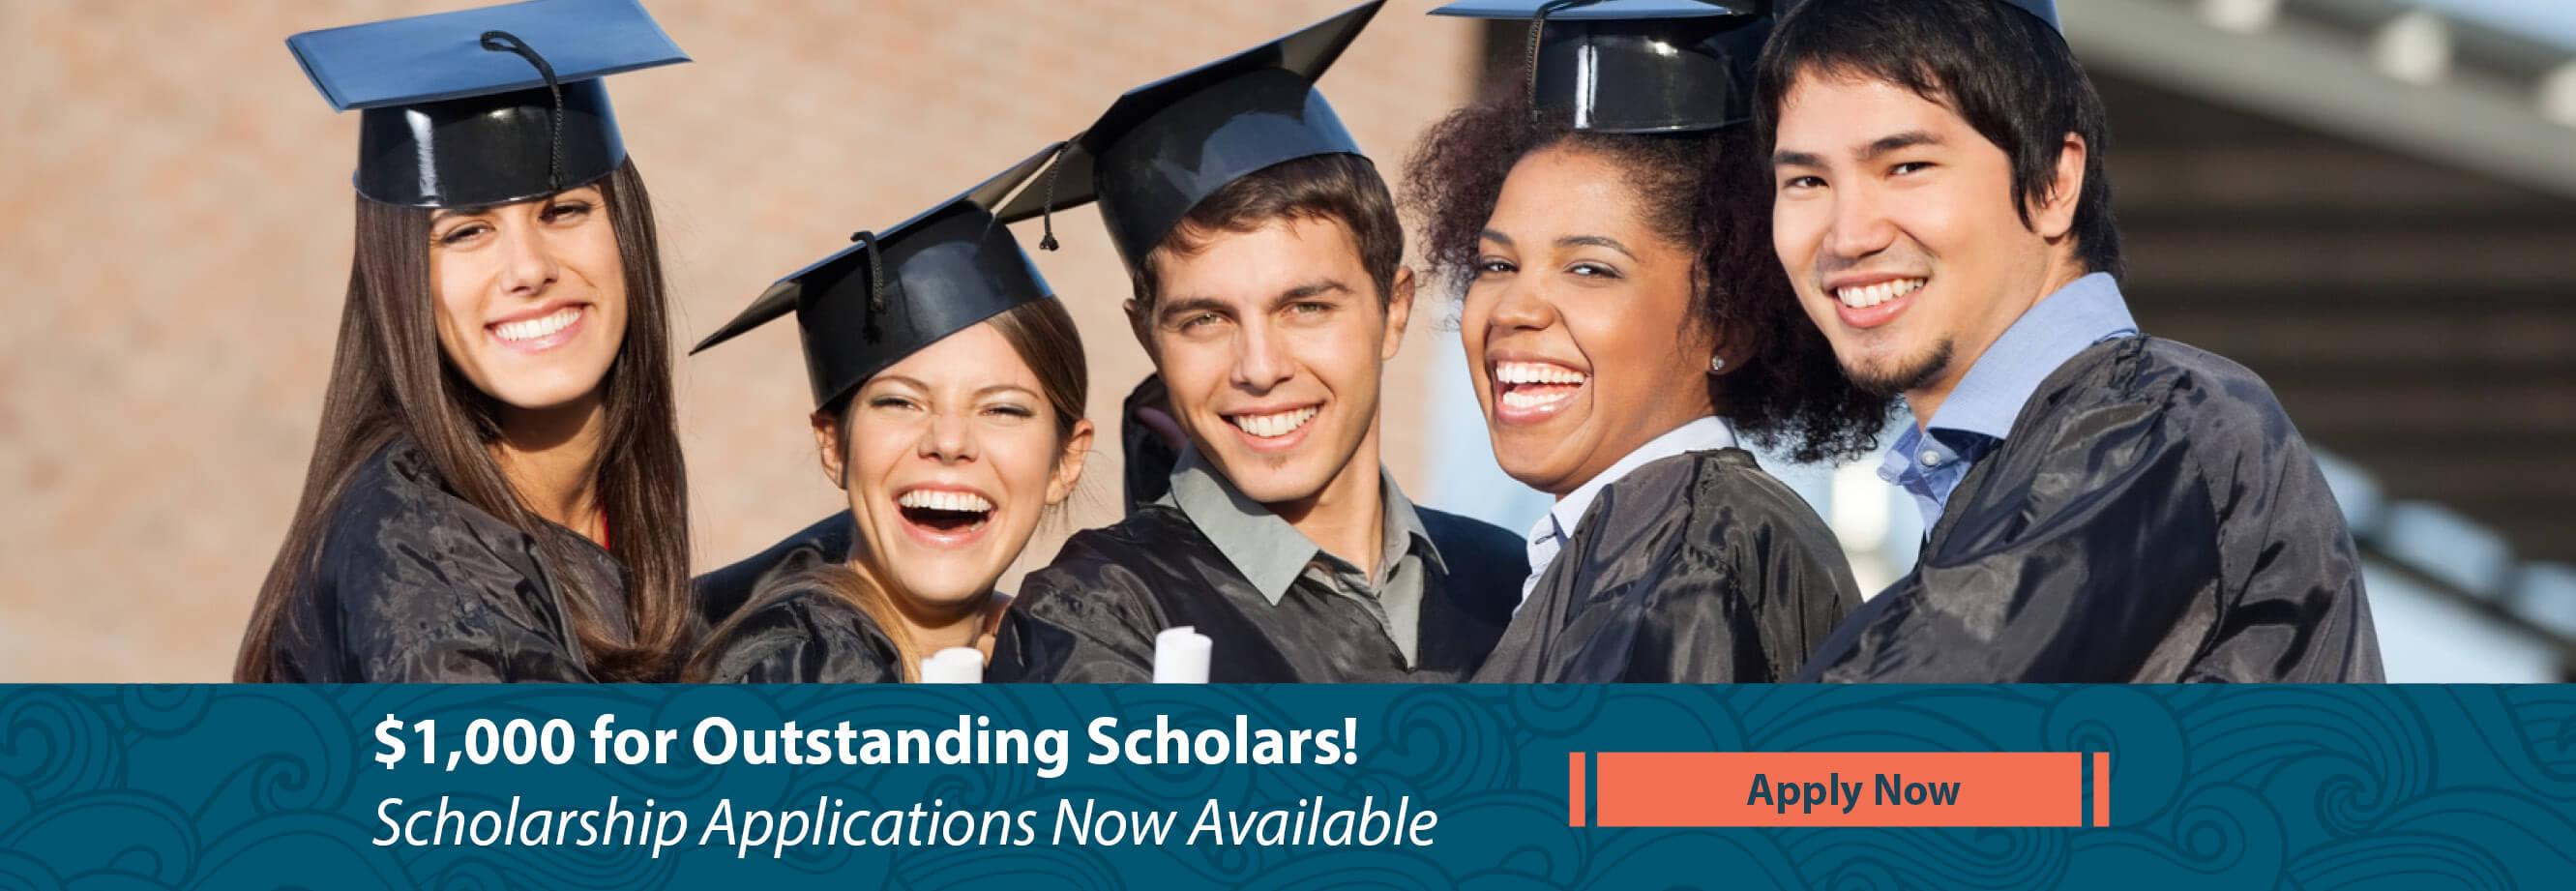 $1000 for Outstanding Scholars